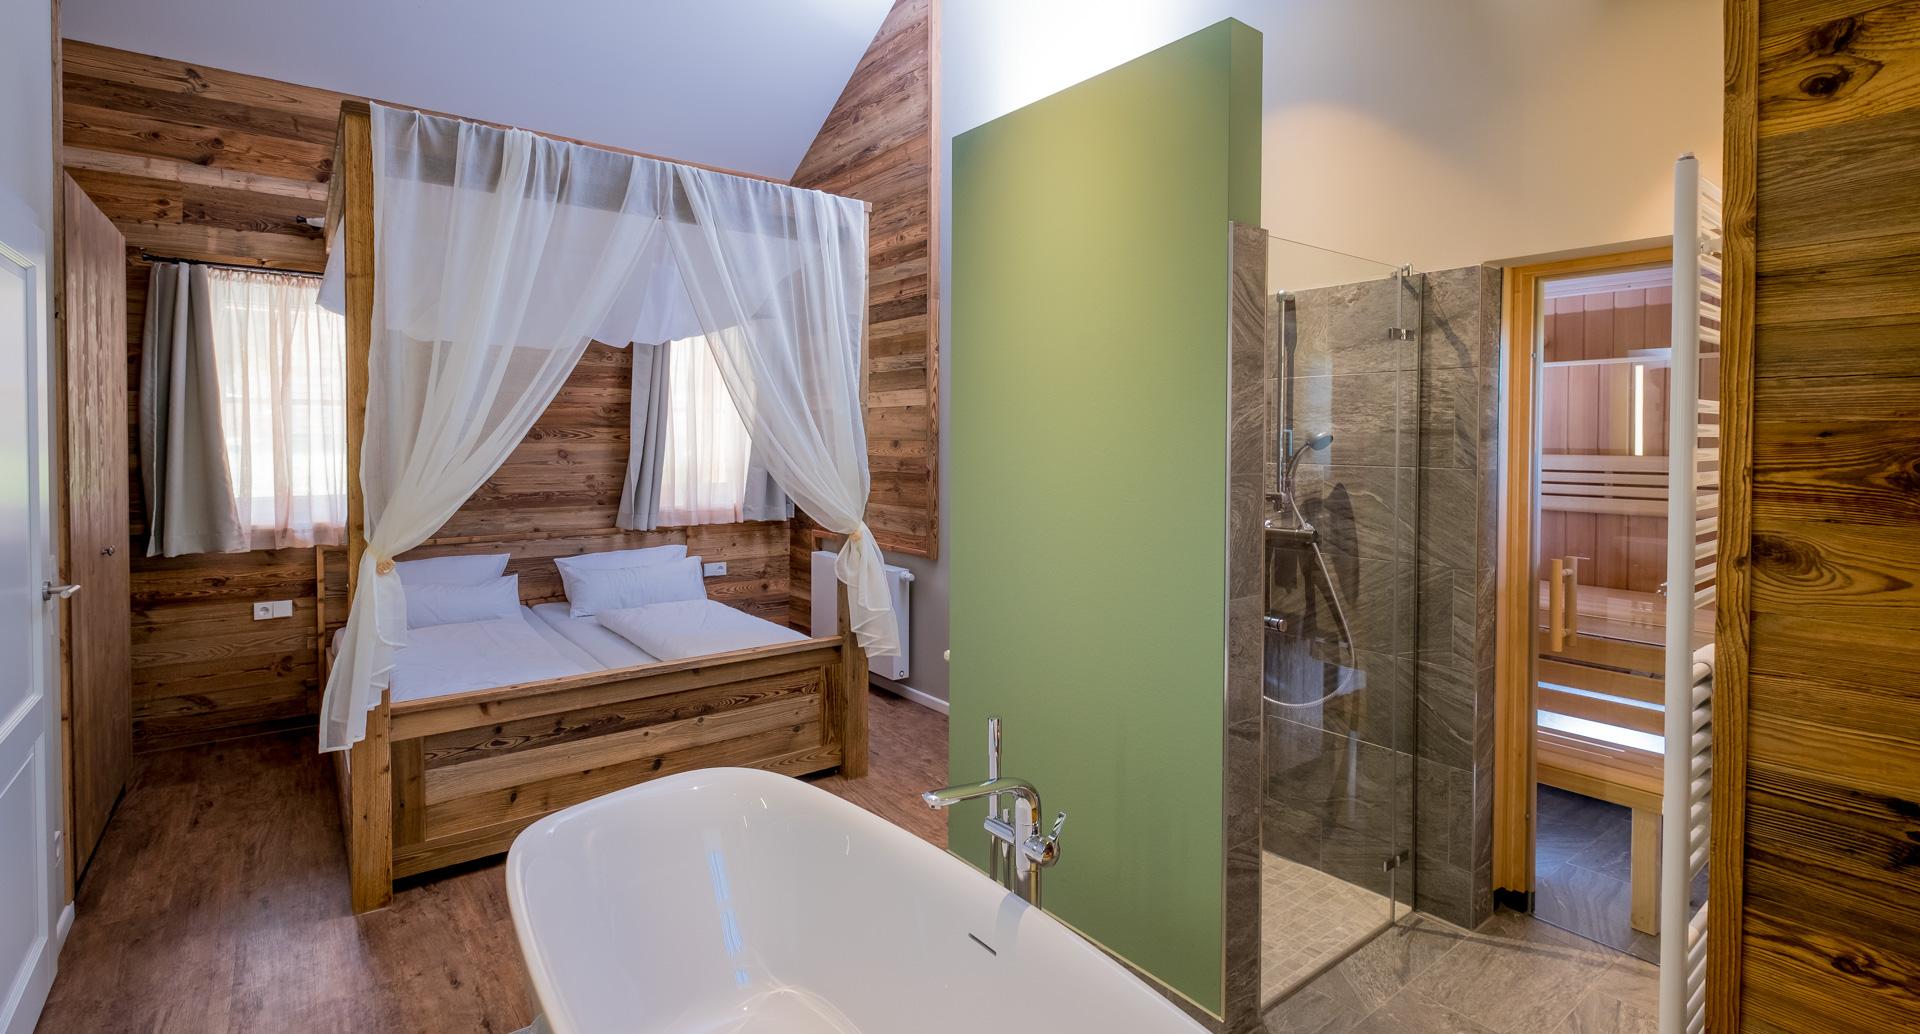 Torfhaus Harzresort - Badewanne in der Kuschellodge